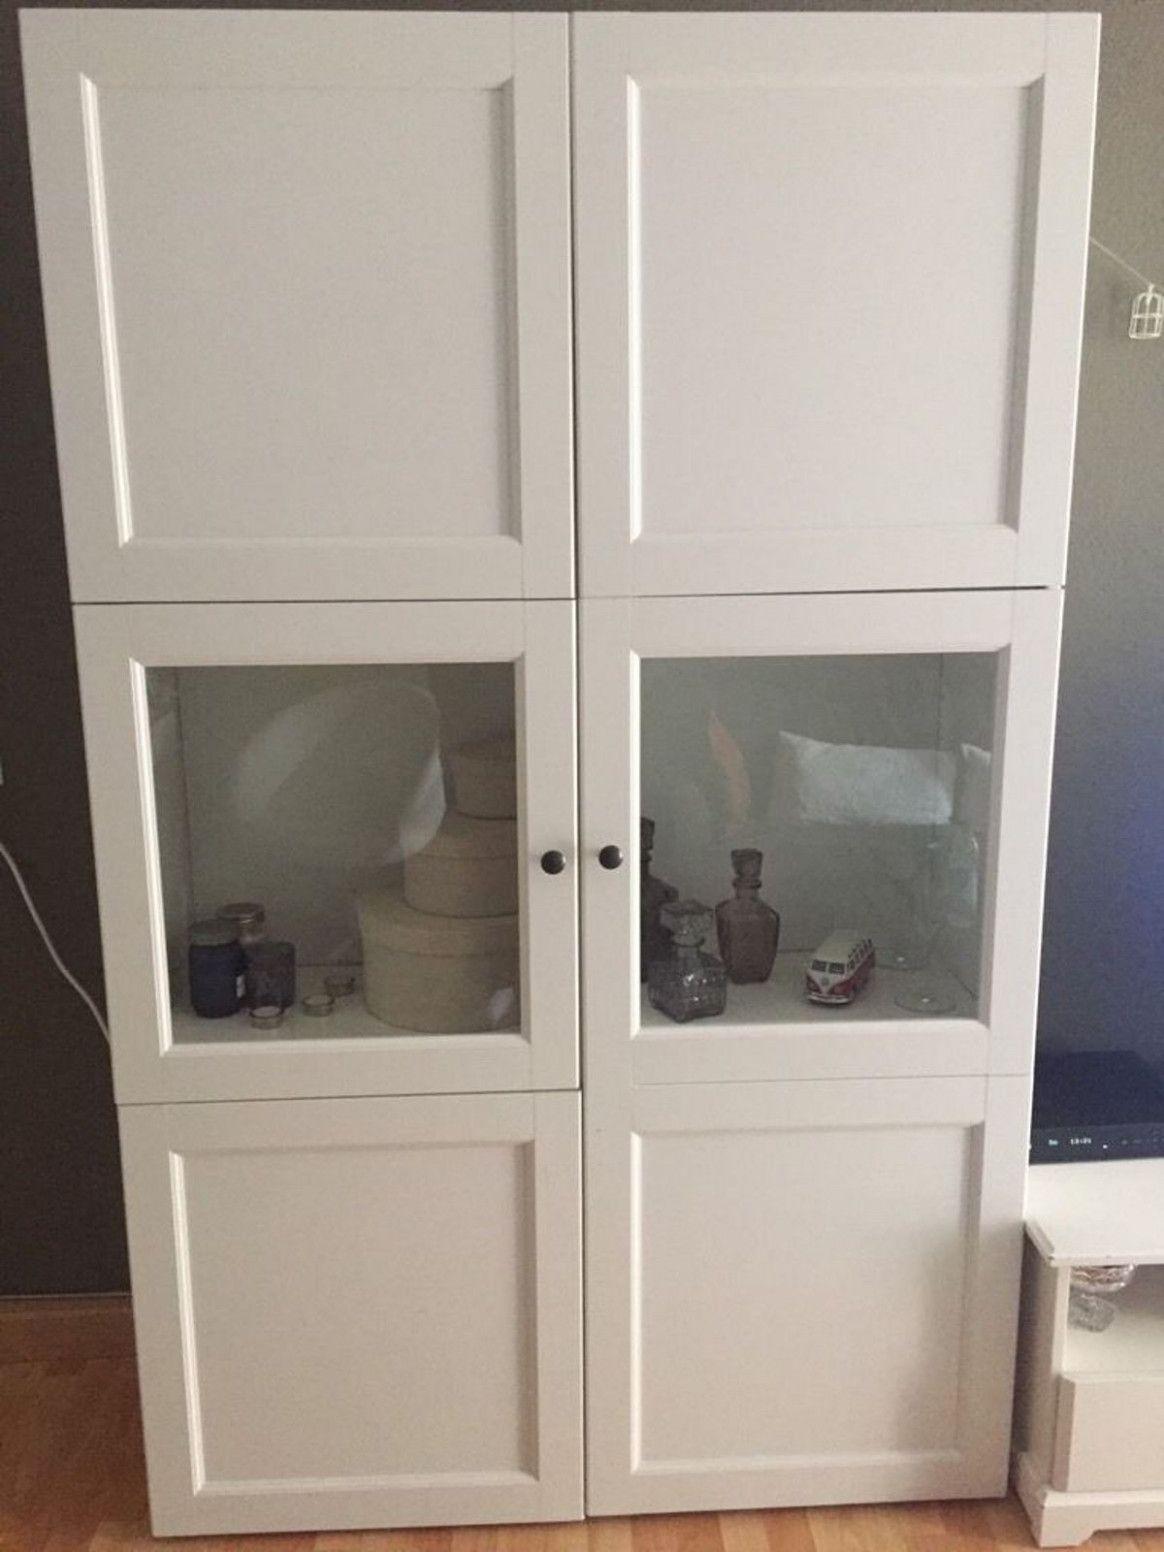 8 Wohnzimmerschrank Von Ikea in 8  Wohnzimmerschränke, Ikea